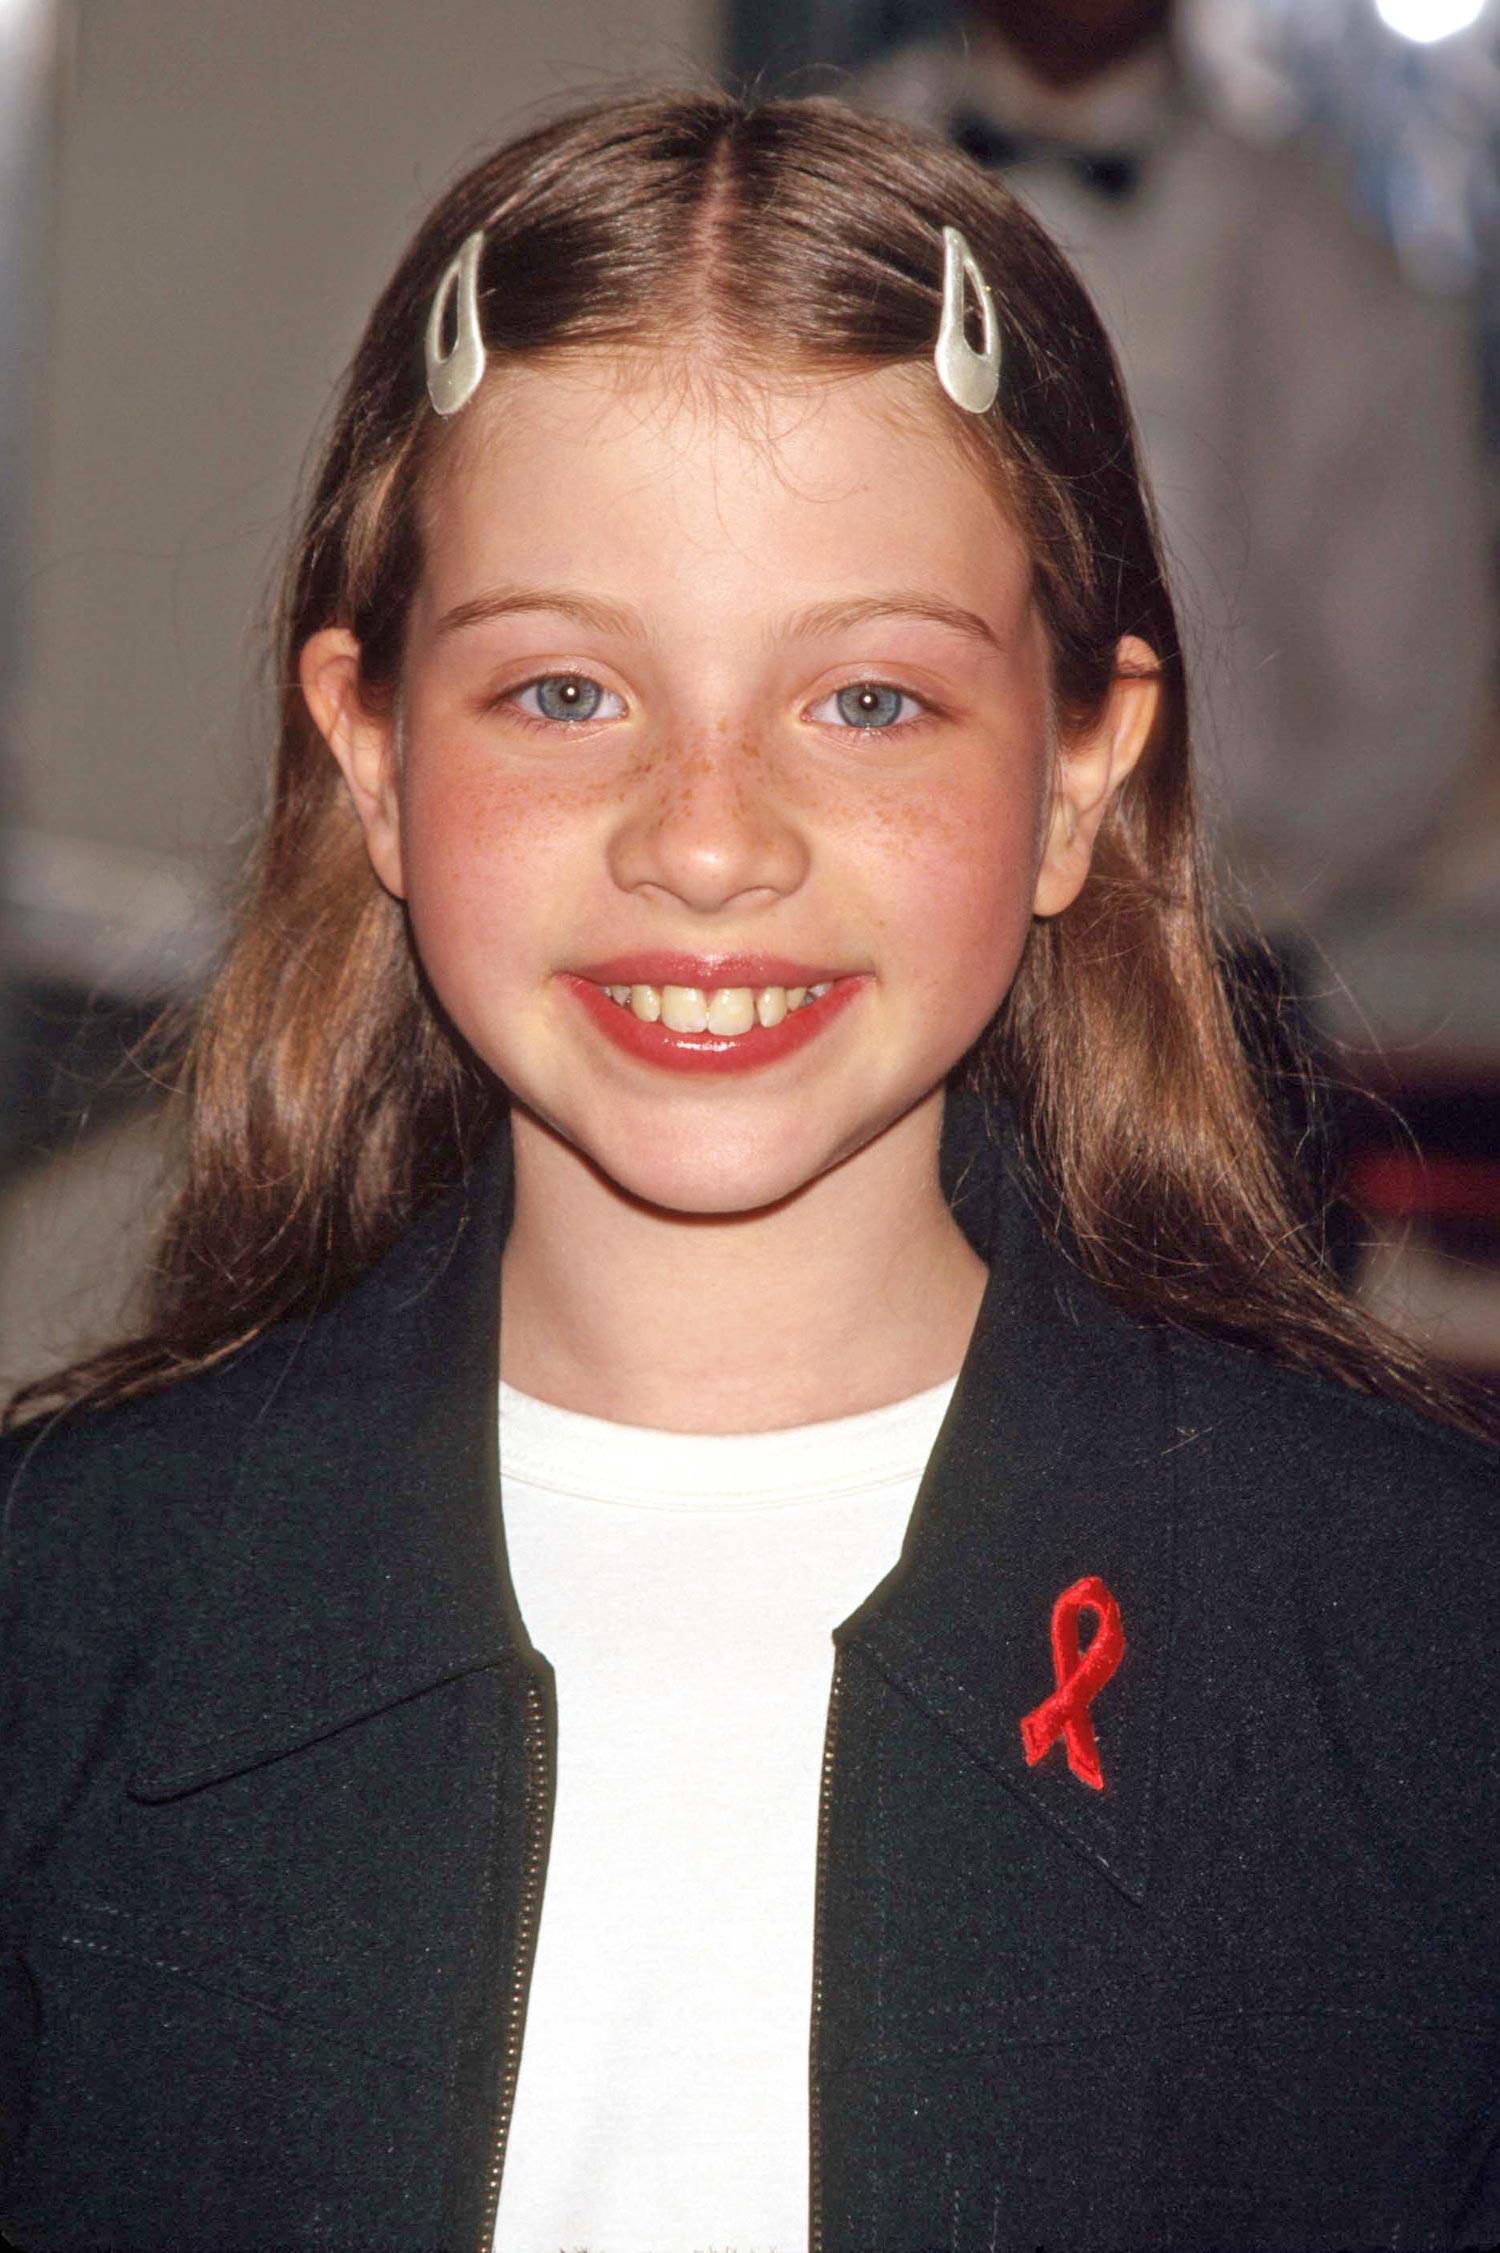 Michelle Trachtenberg Kindheitsoto eins bei Pinterest.com